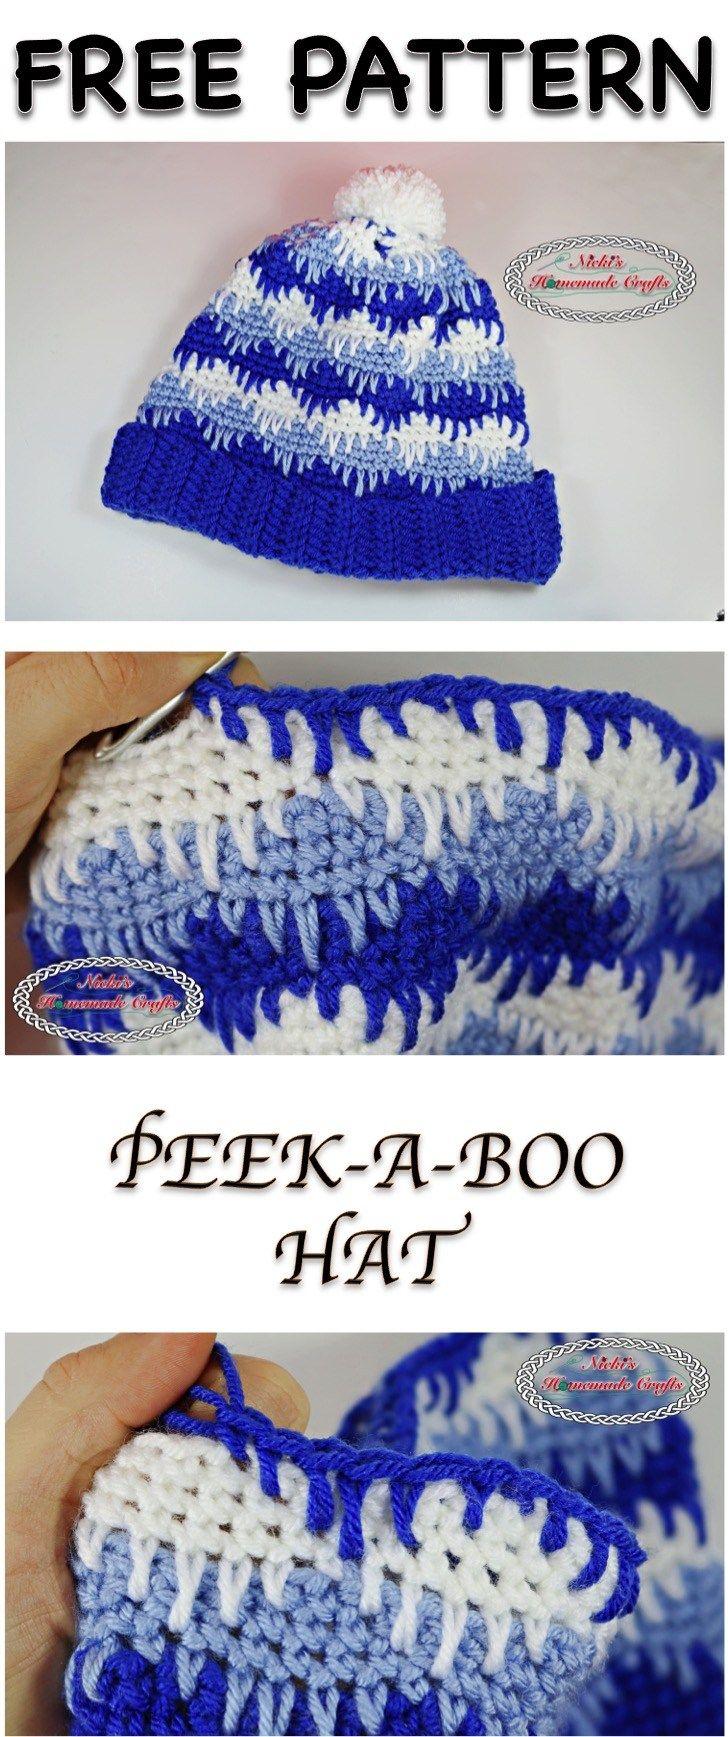 PEEK-A-BOO Hat - Free Crochet Pattern